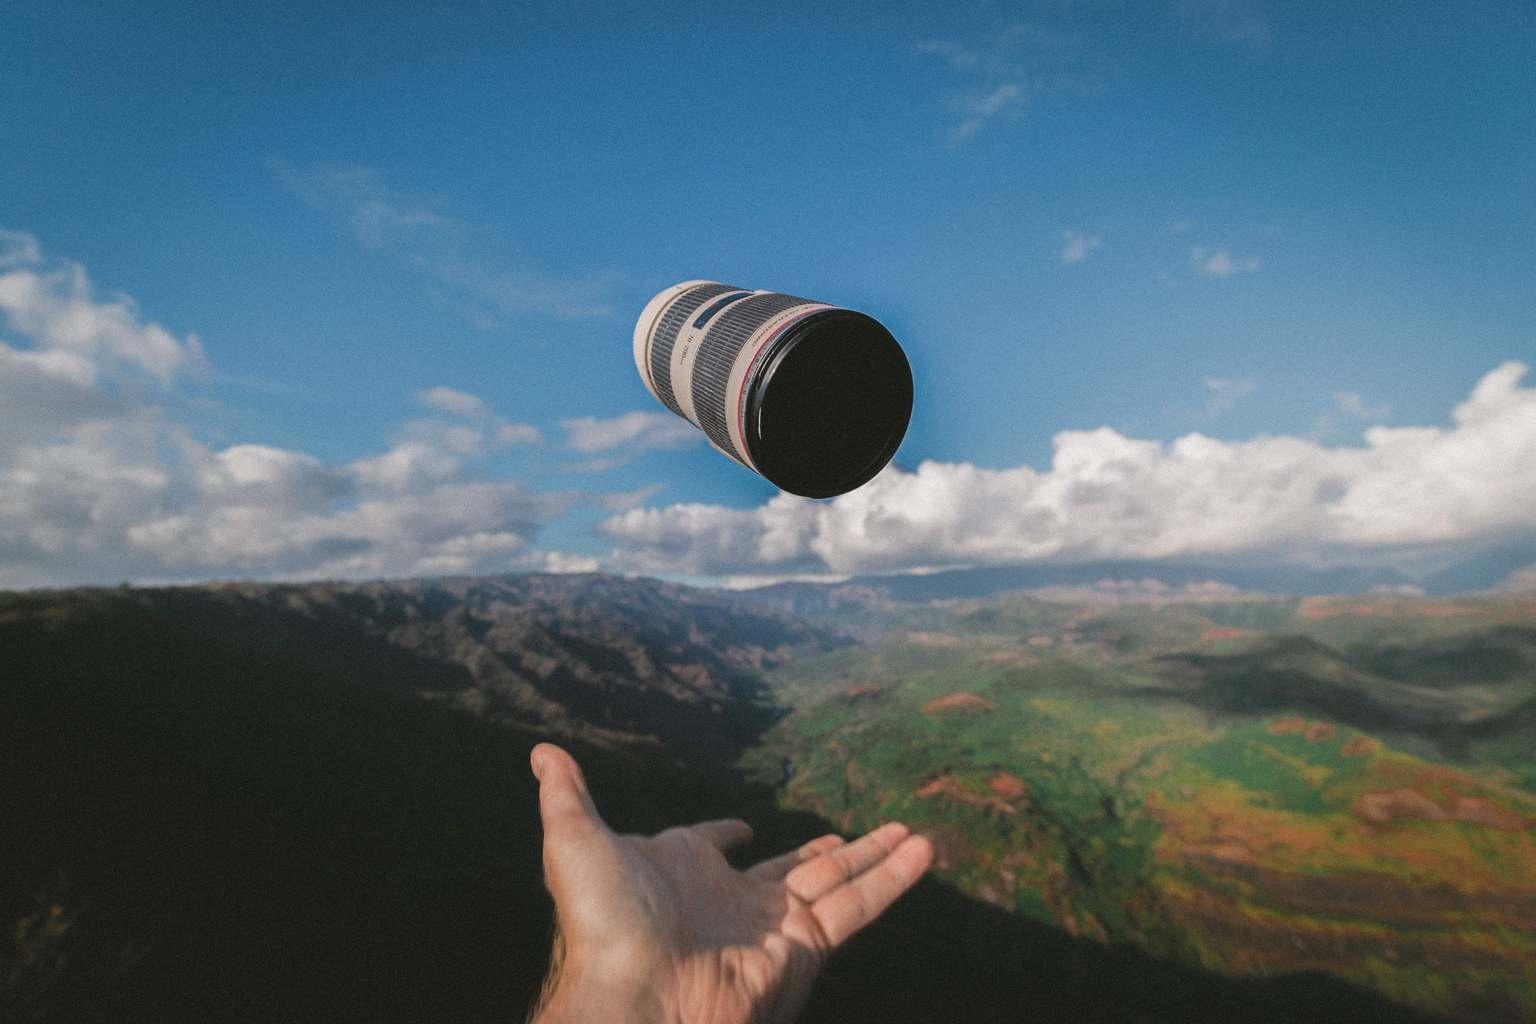 Objetivo fotográfico en el aire con fondo de paisaje